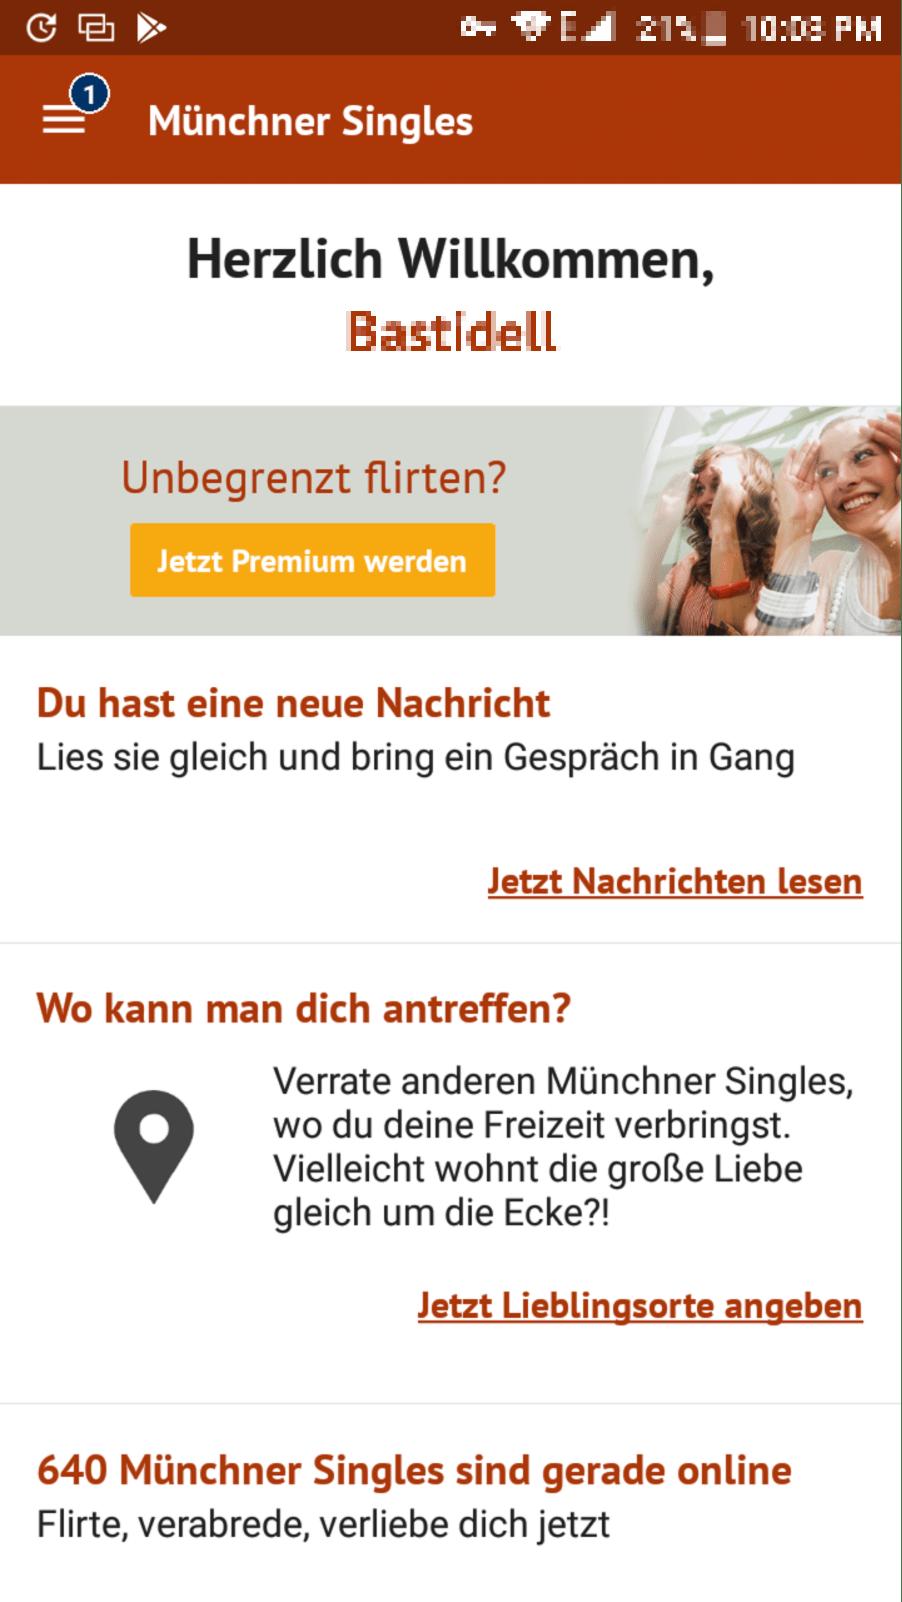 münchner singles kosten für frauen)